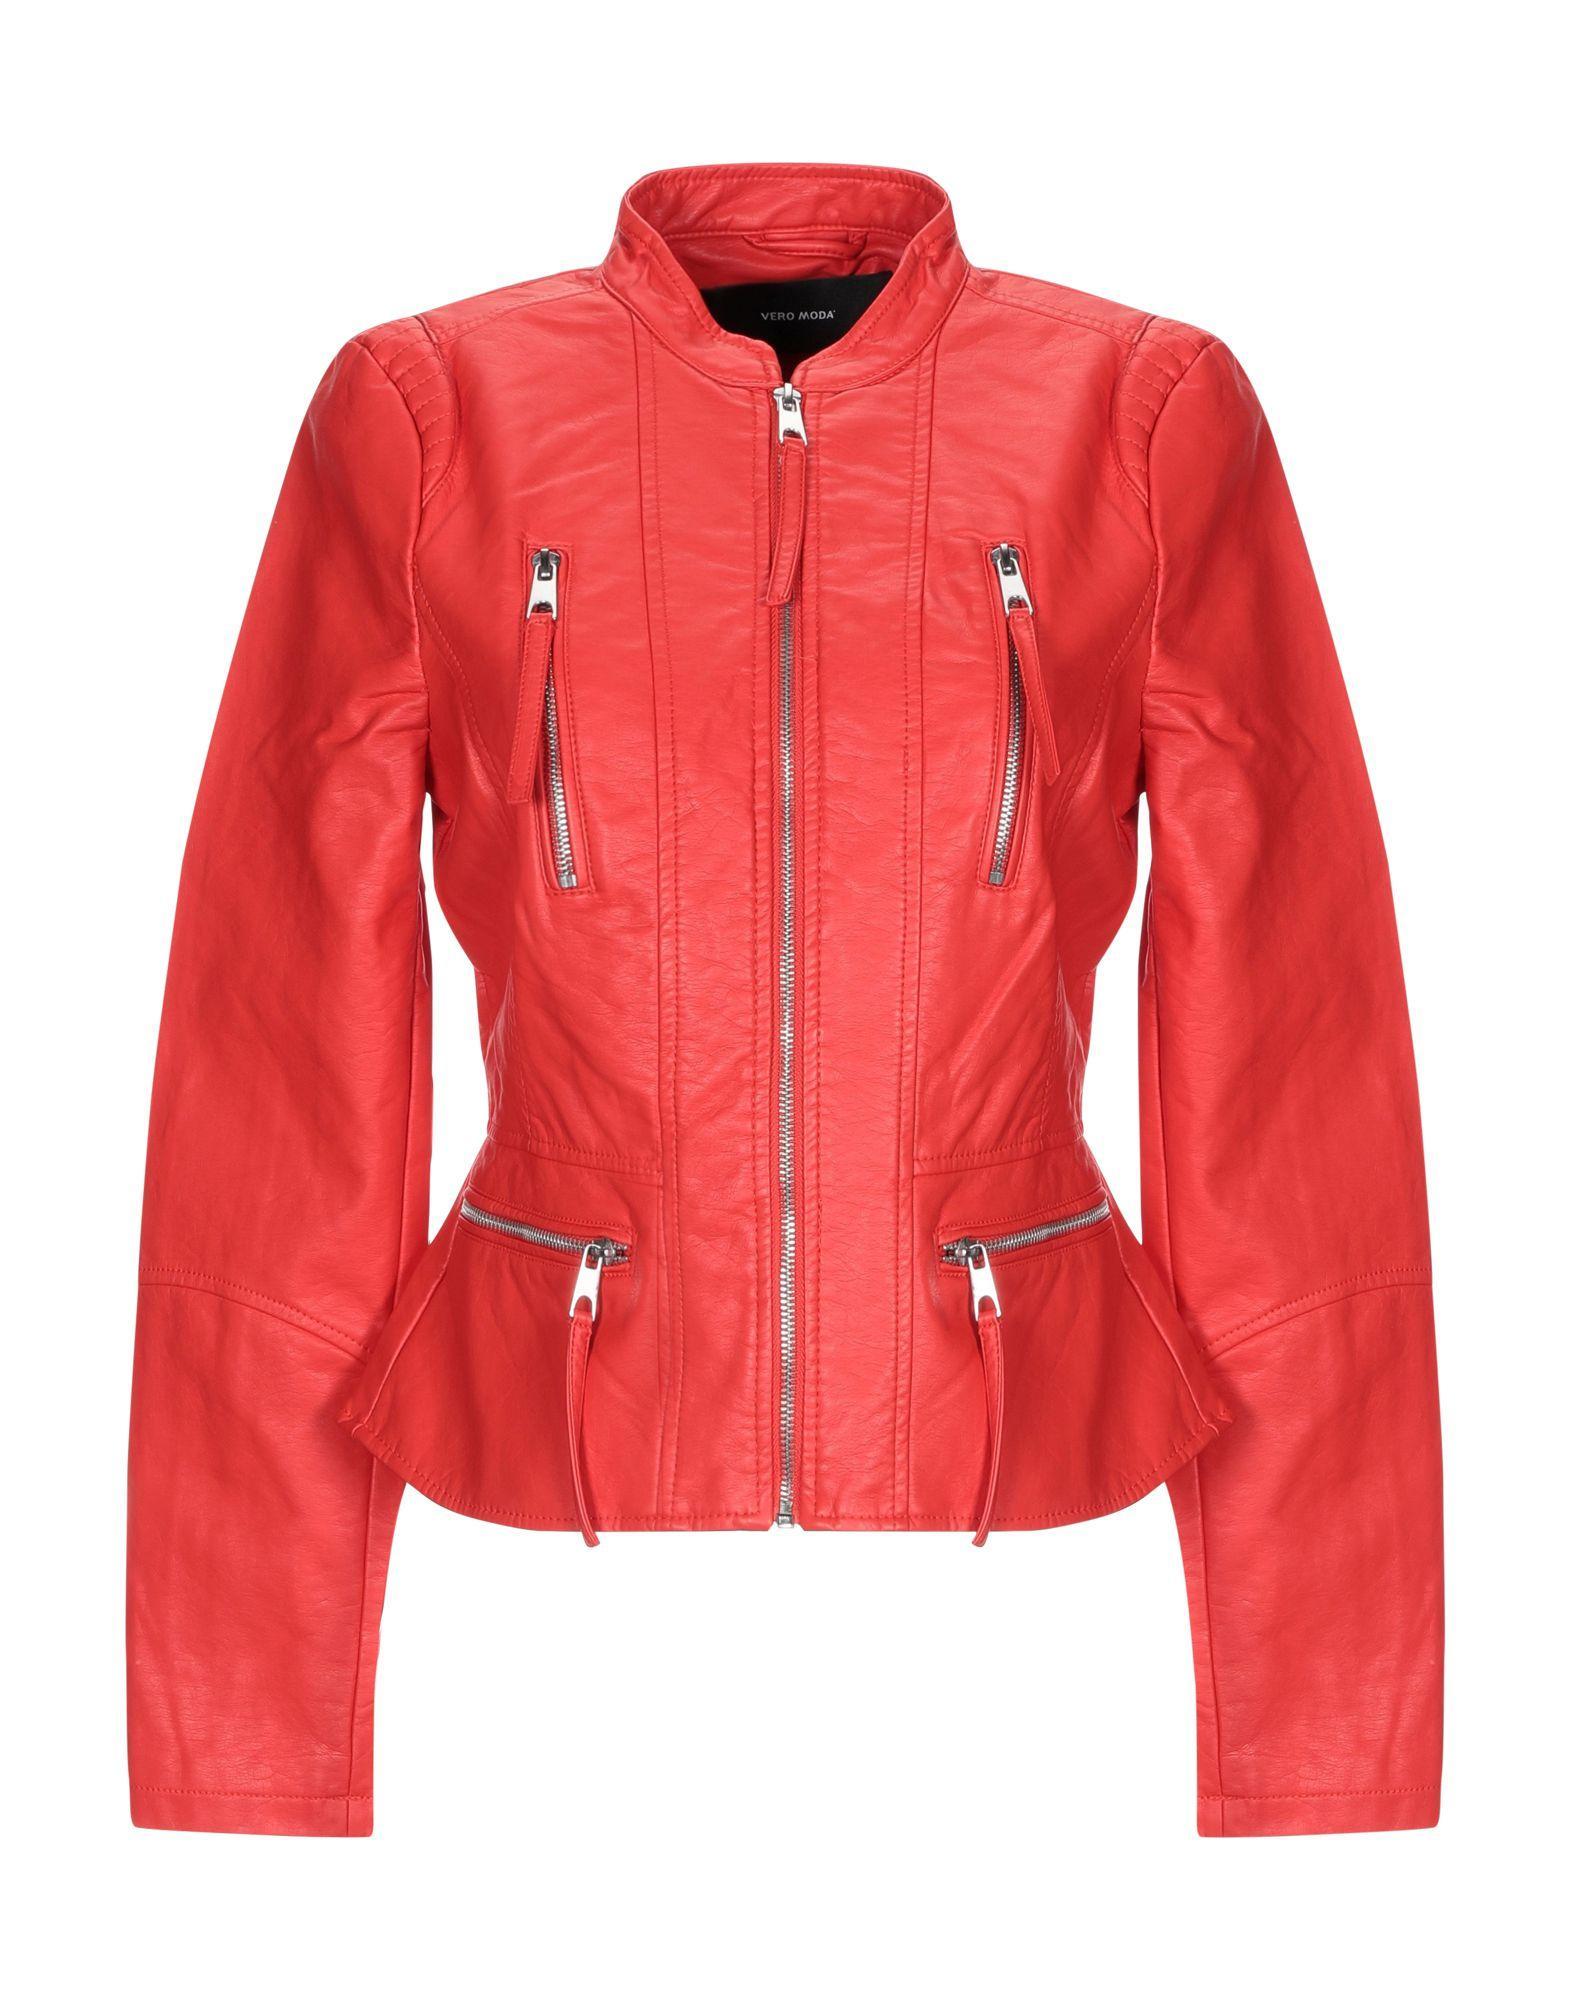 Куртка  - Бежевый,Красный,Черный цвет